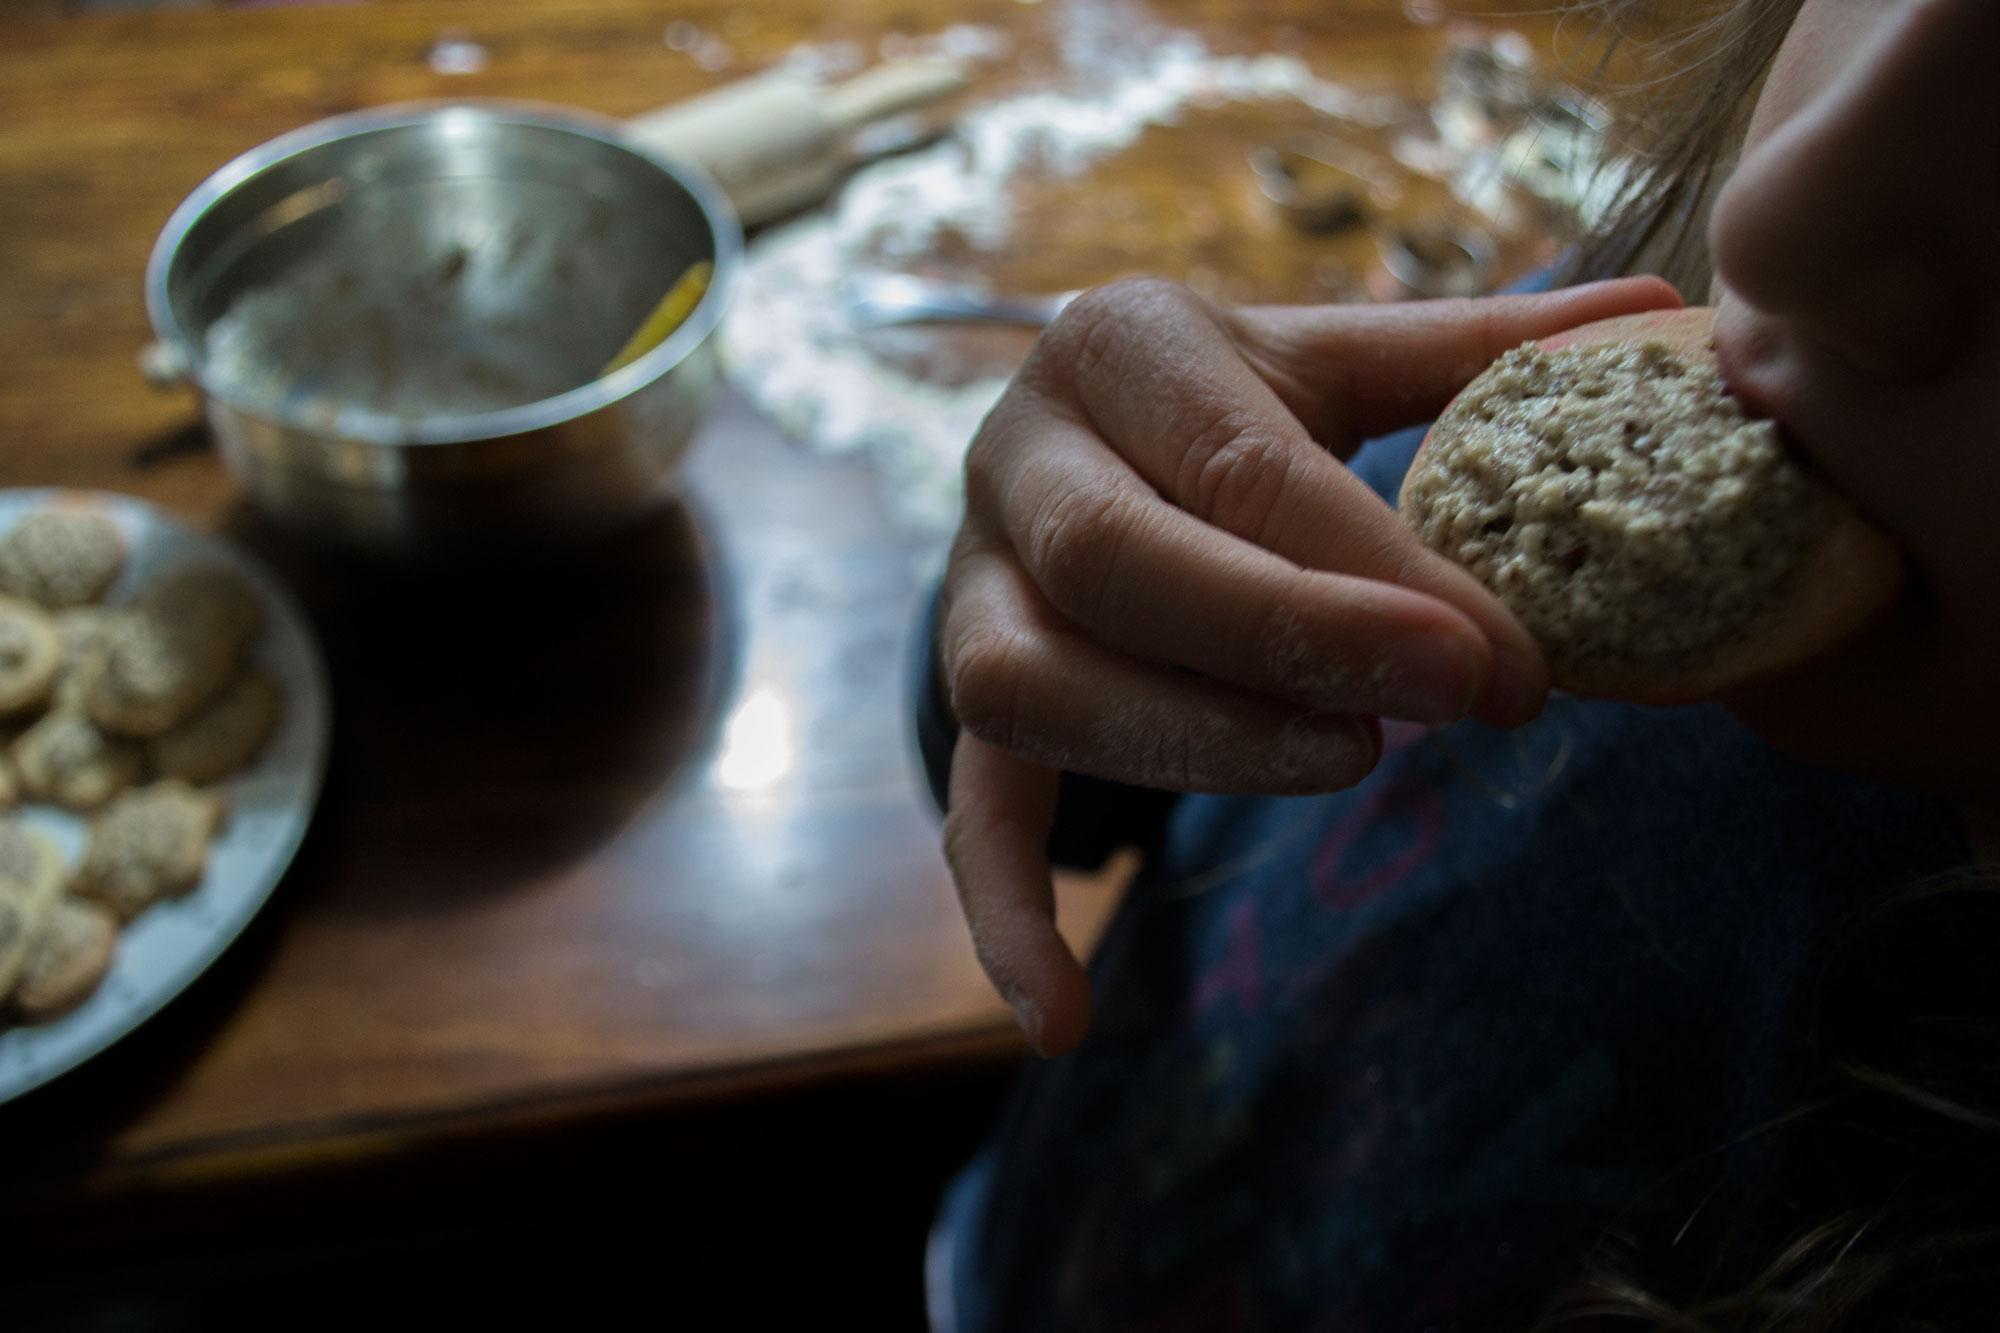 Domaći kolač s orasima - jednostavan recept - uslast